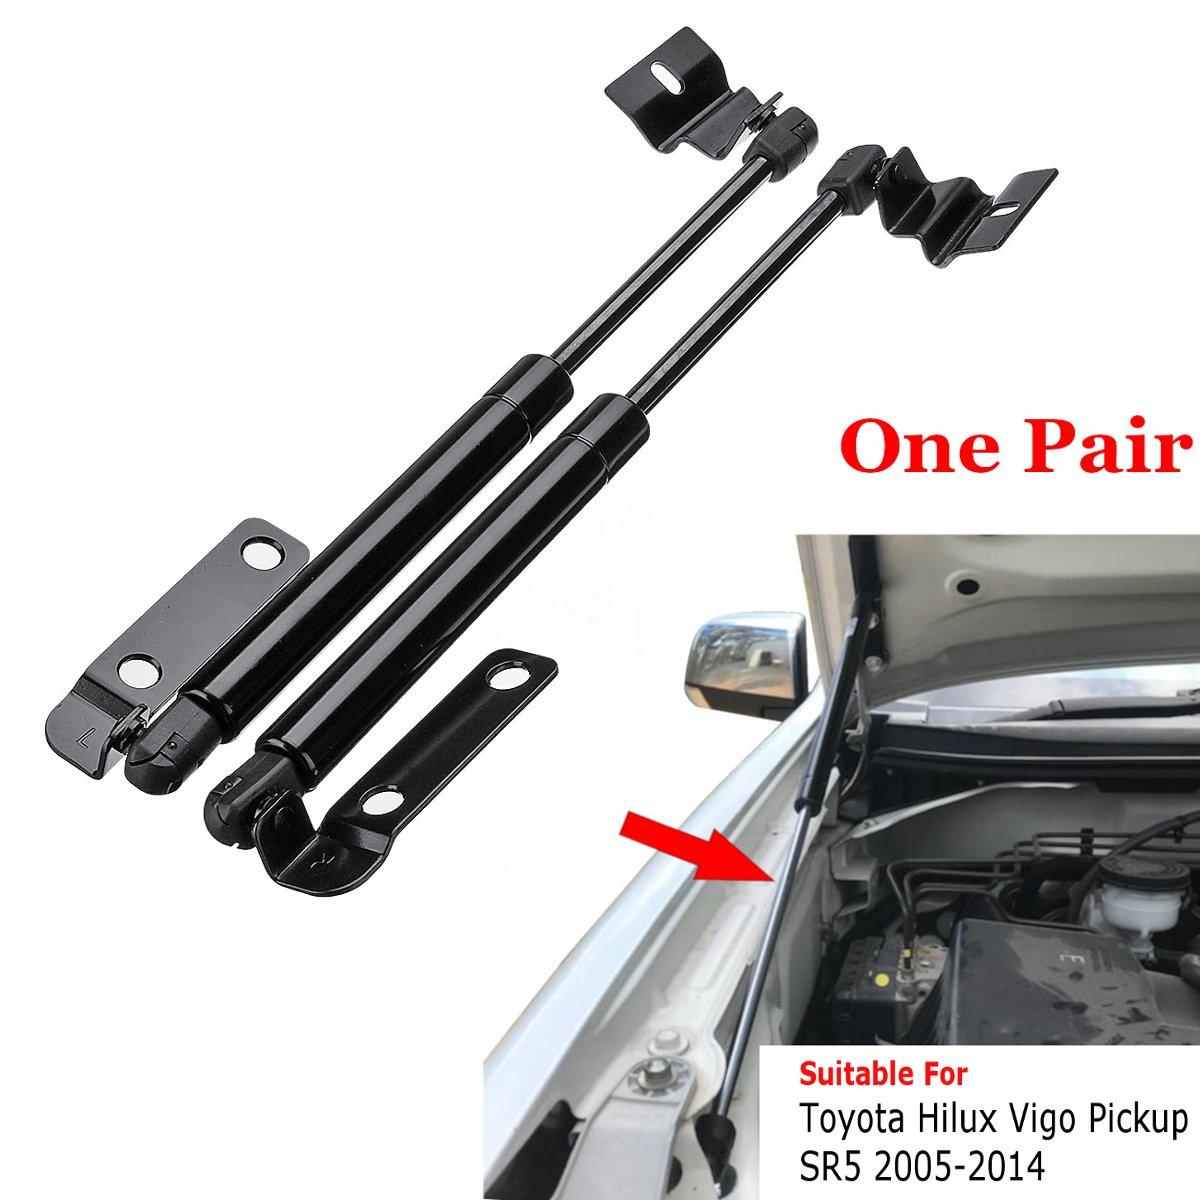 2 шт. крышка переднего капота автомобиля Газ Шок Поддержка стойки демпфер подходит для Toyota Hilux Vigo пикап SR5 2005-2014